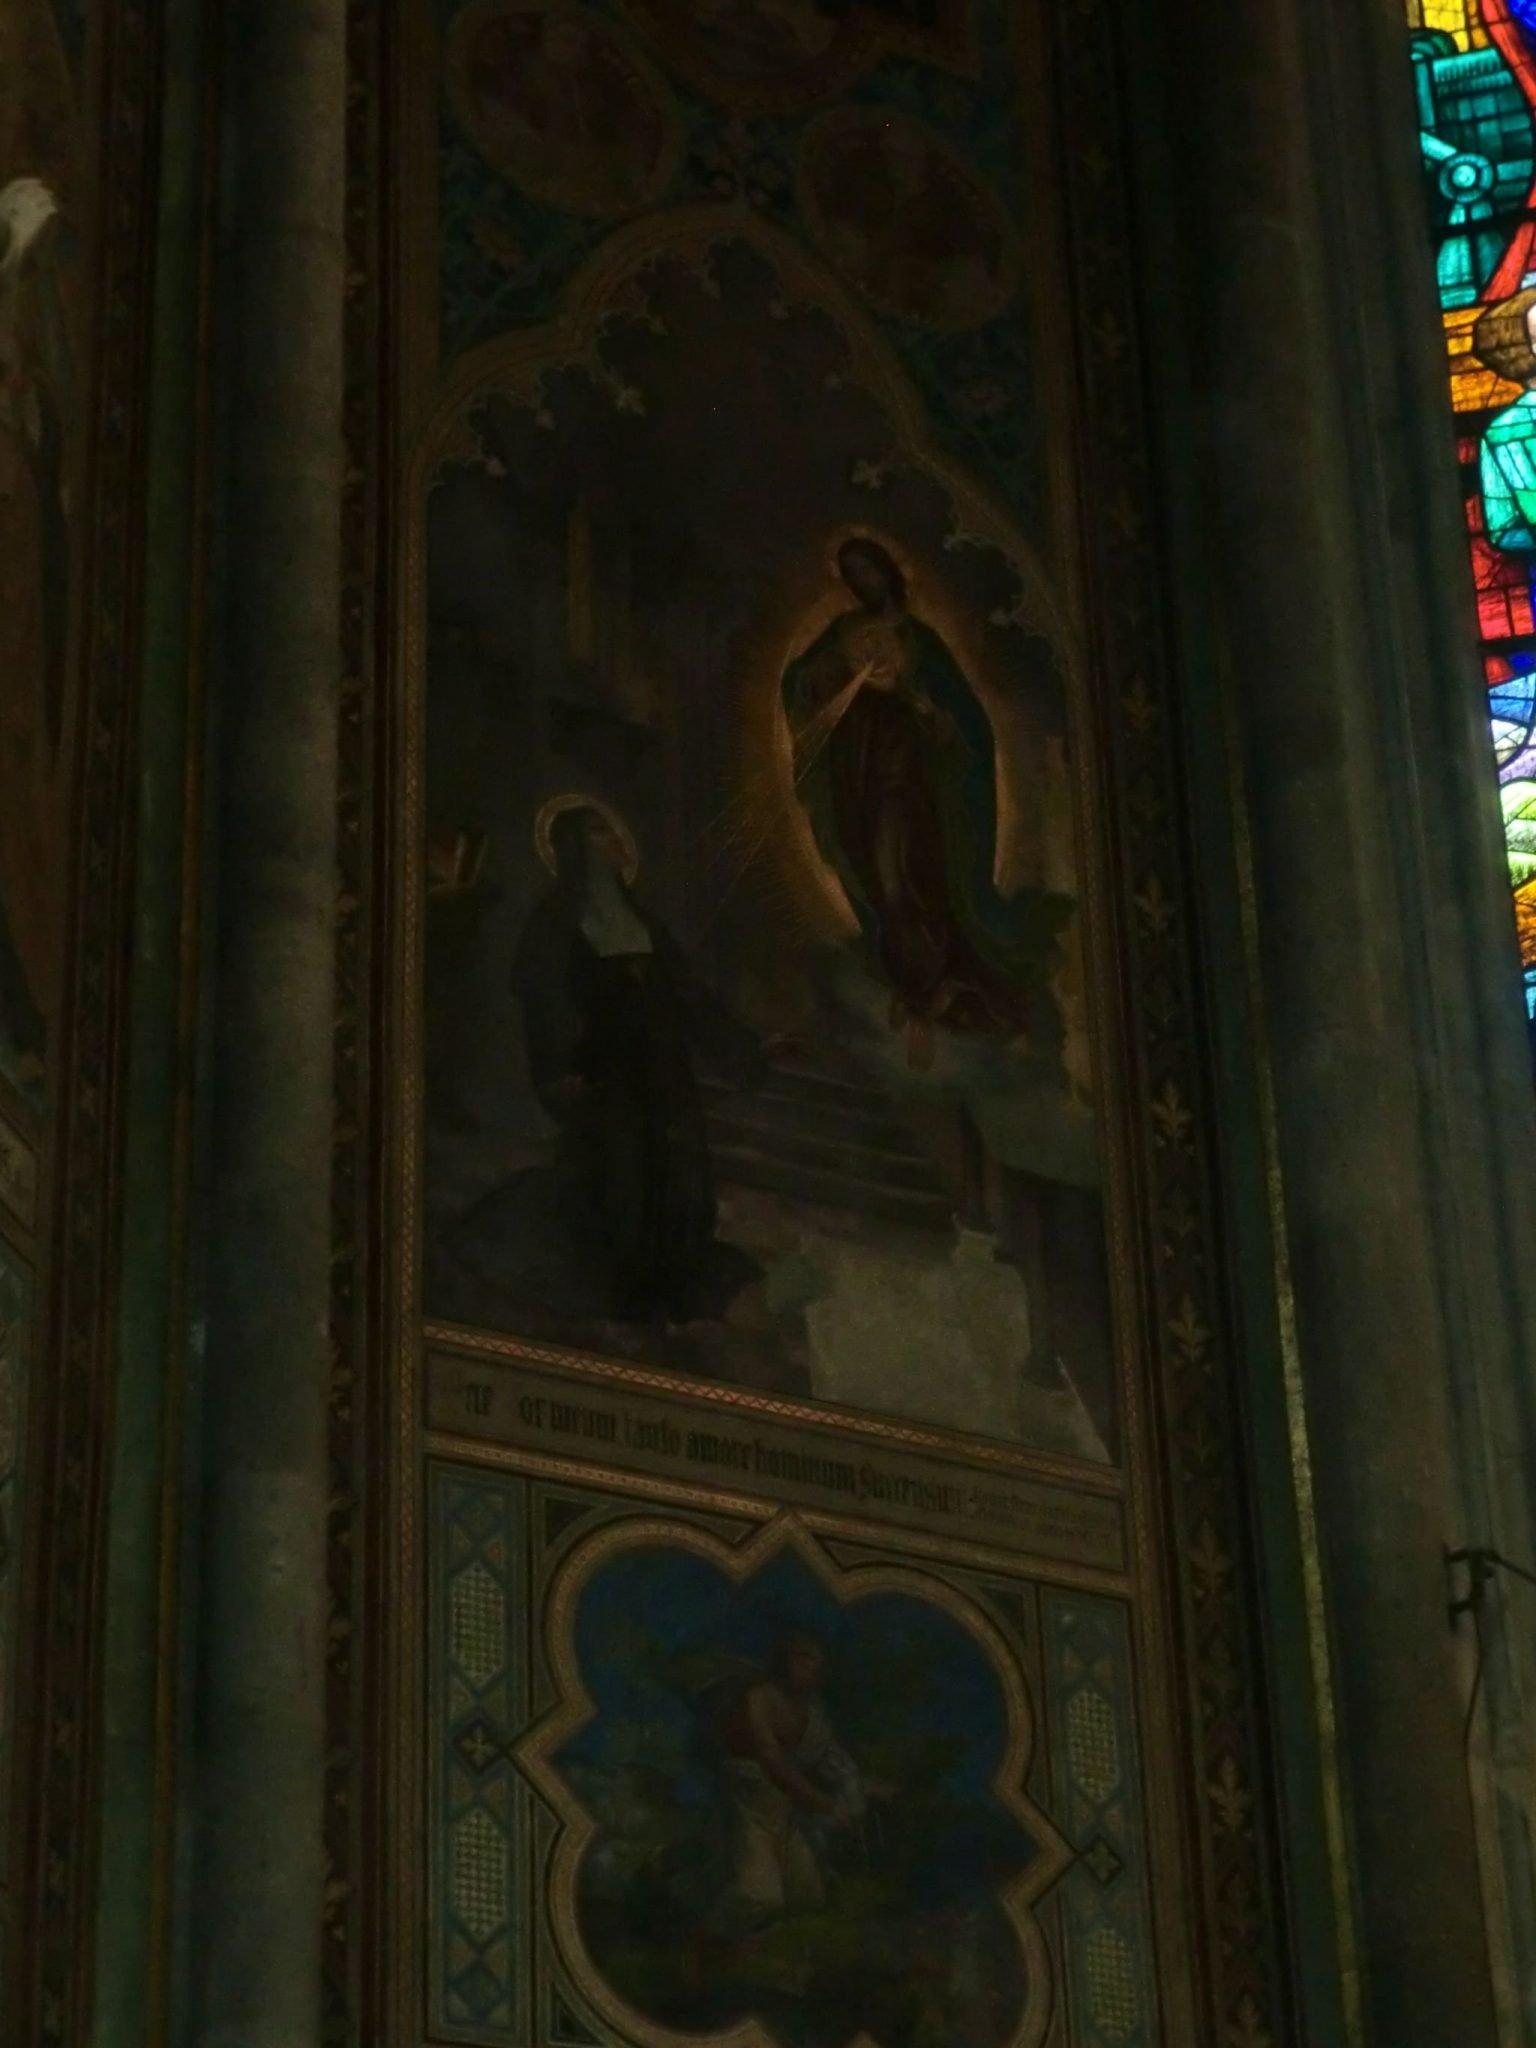 Vienna cathedral 15 1440x1920 - Vienna: elegant beauty